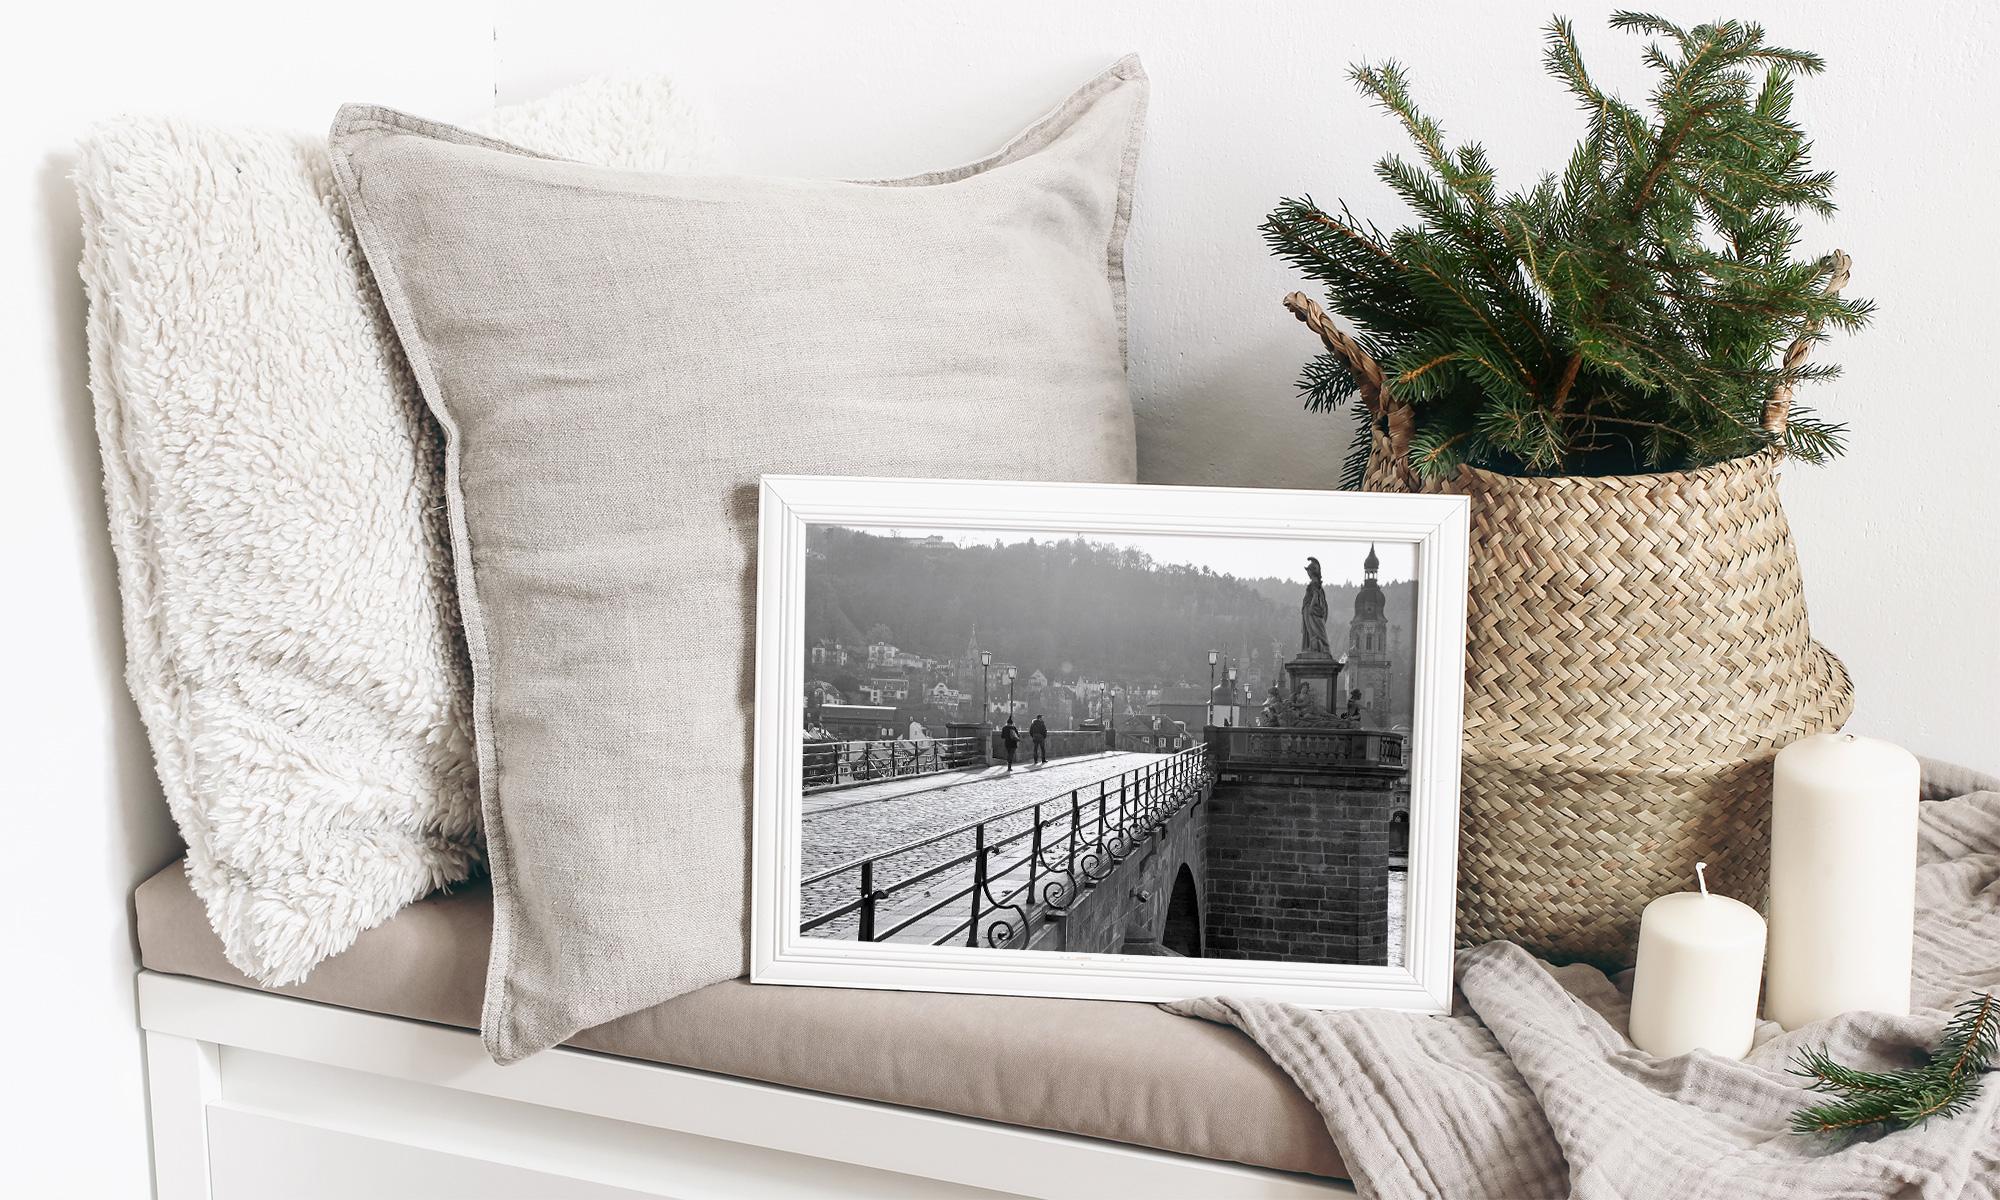 Wandbild Fotodruck Papiermanufaktur Bensheim